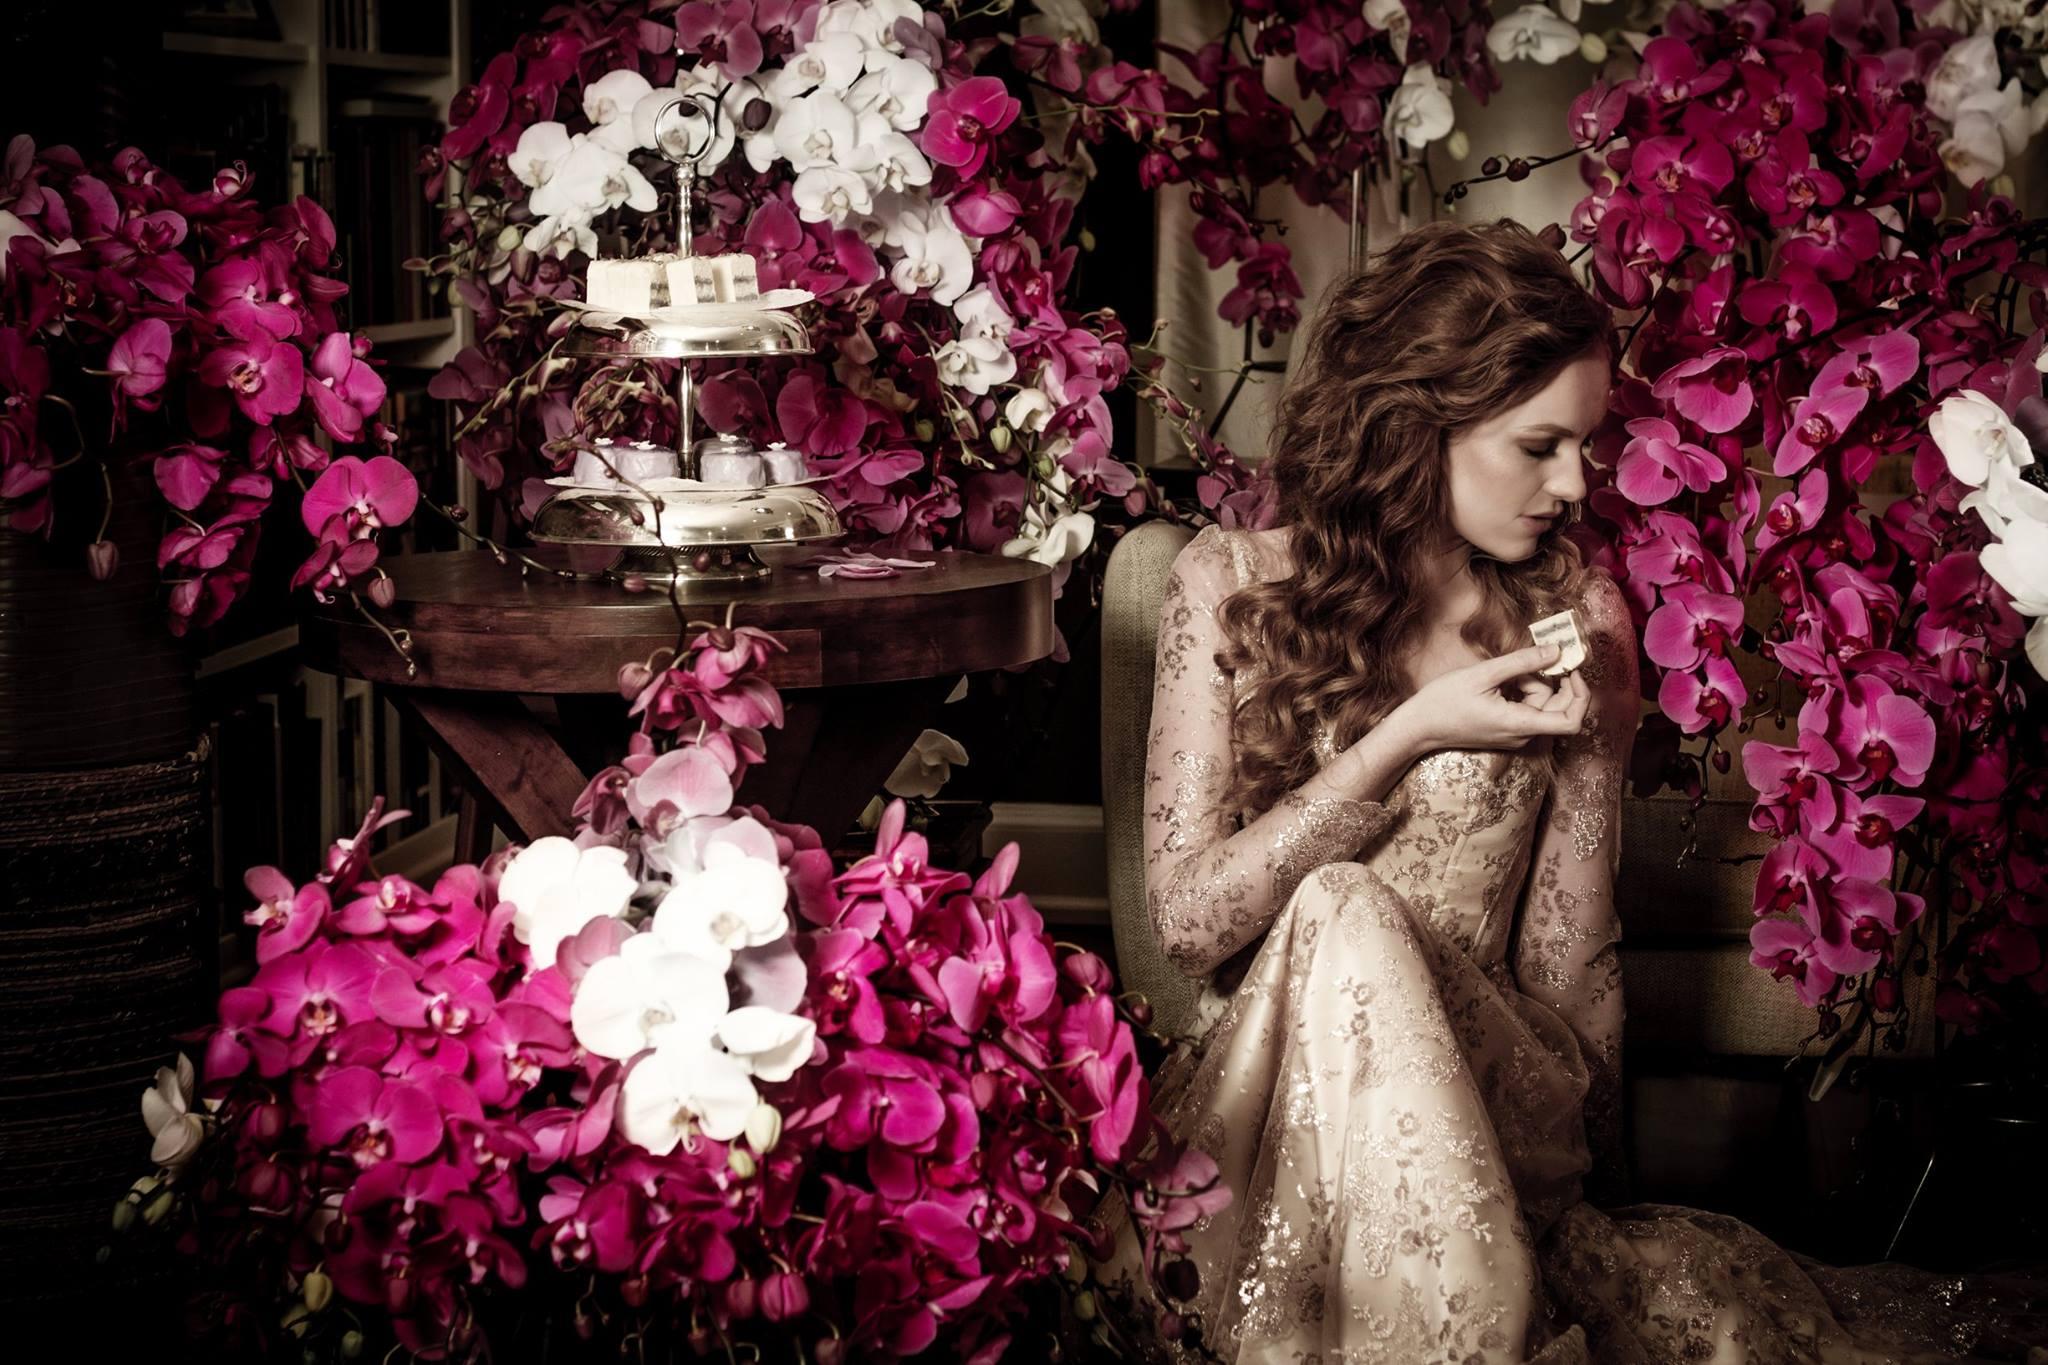 HMG_Fashion_22.jpg